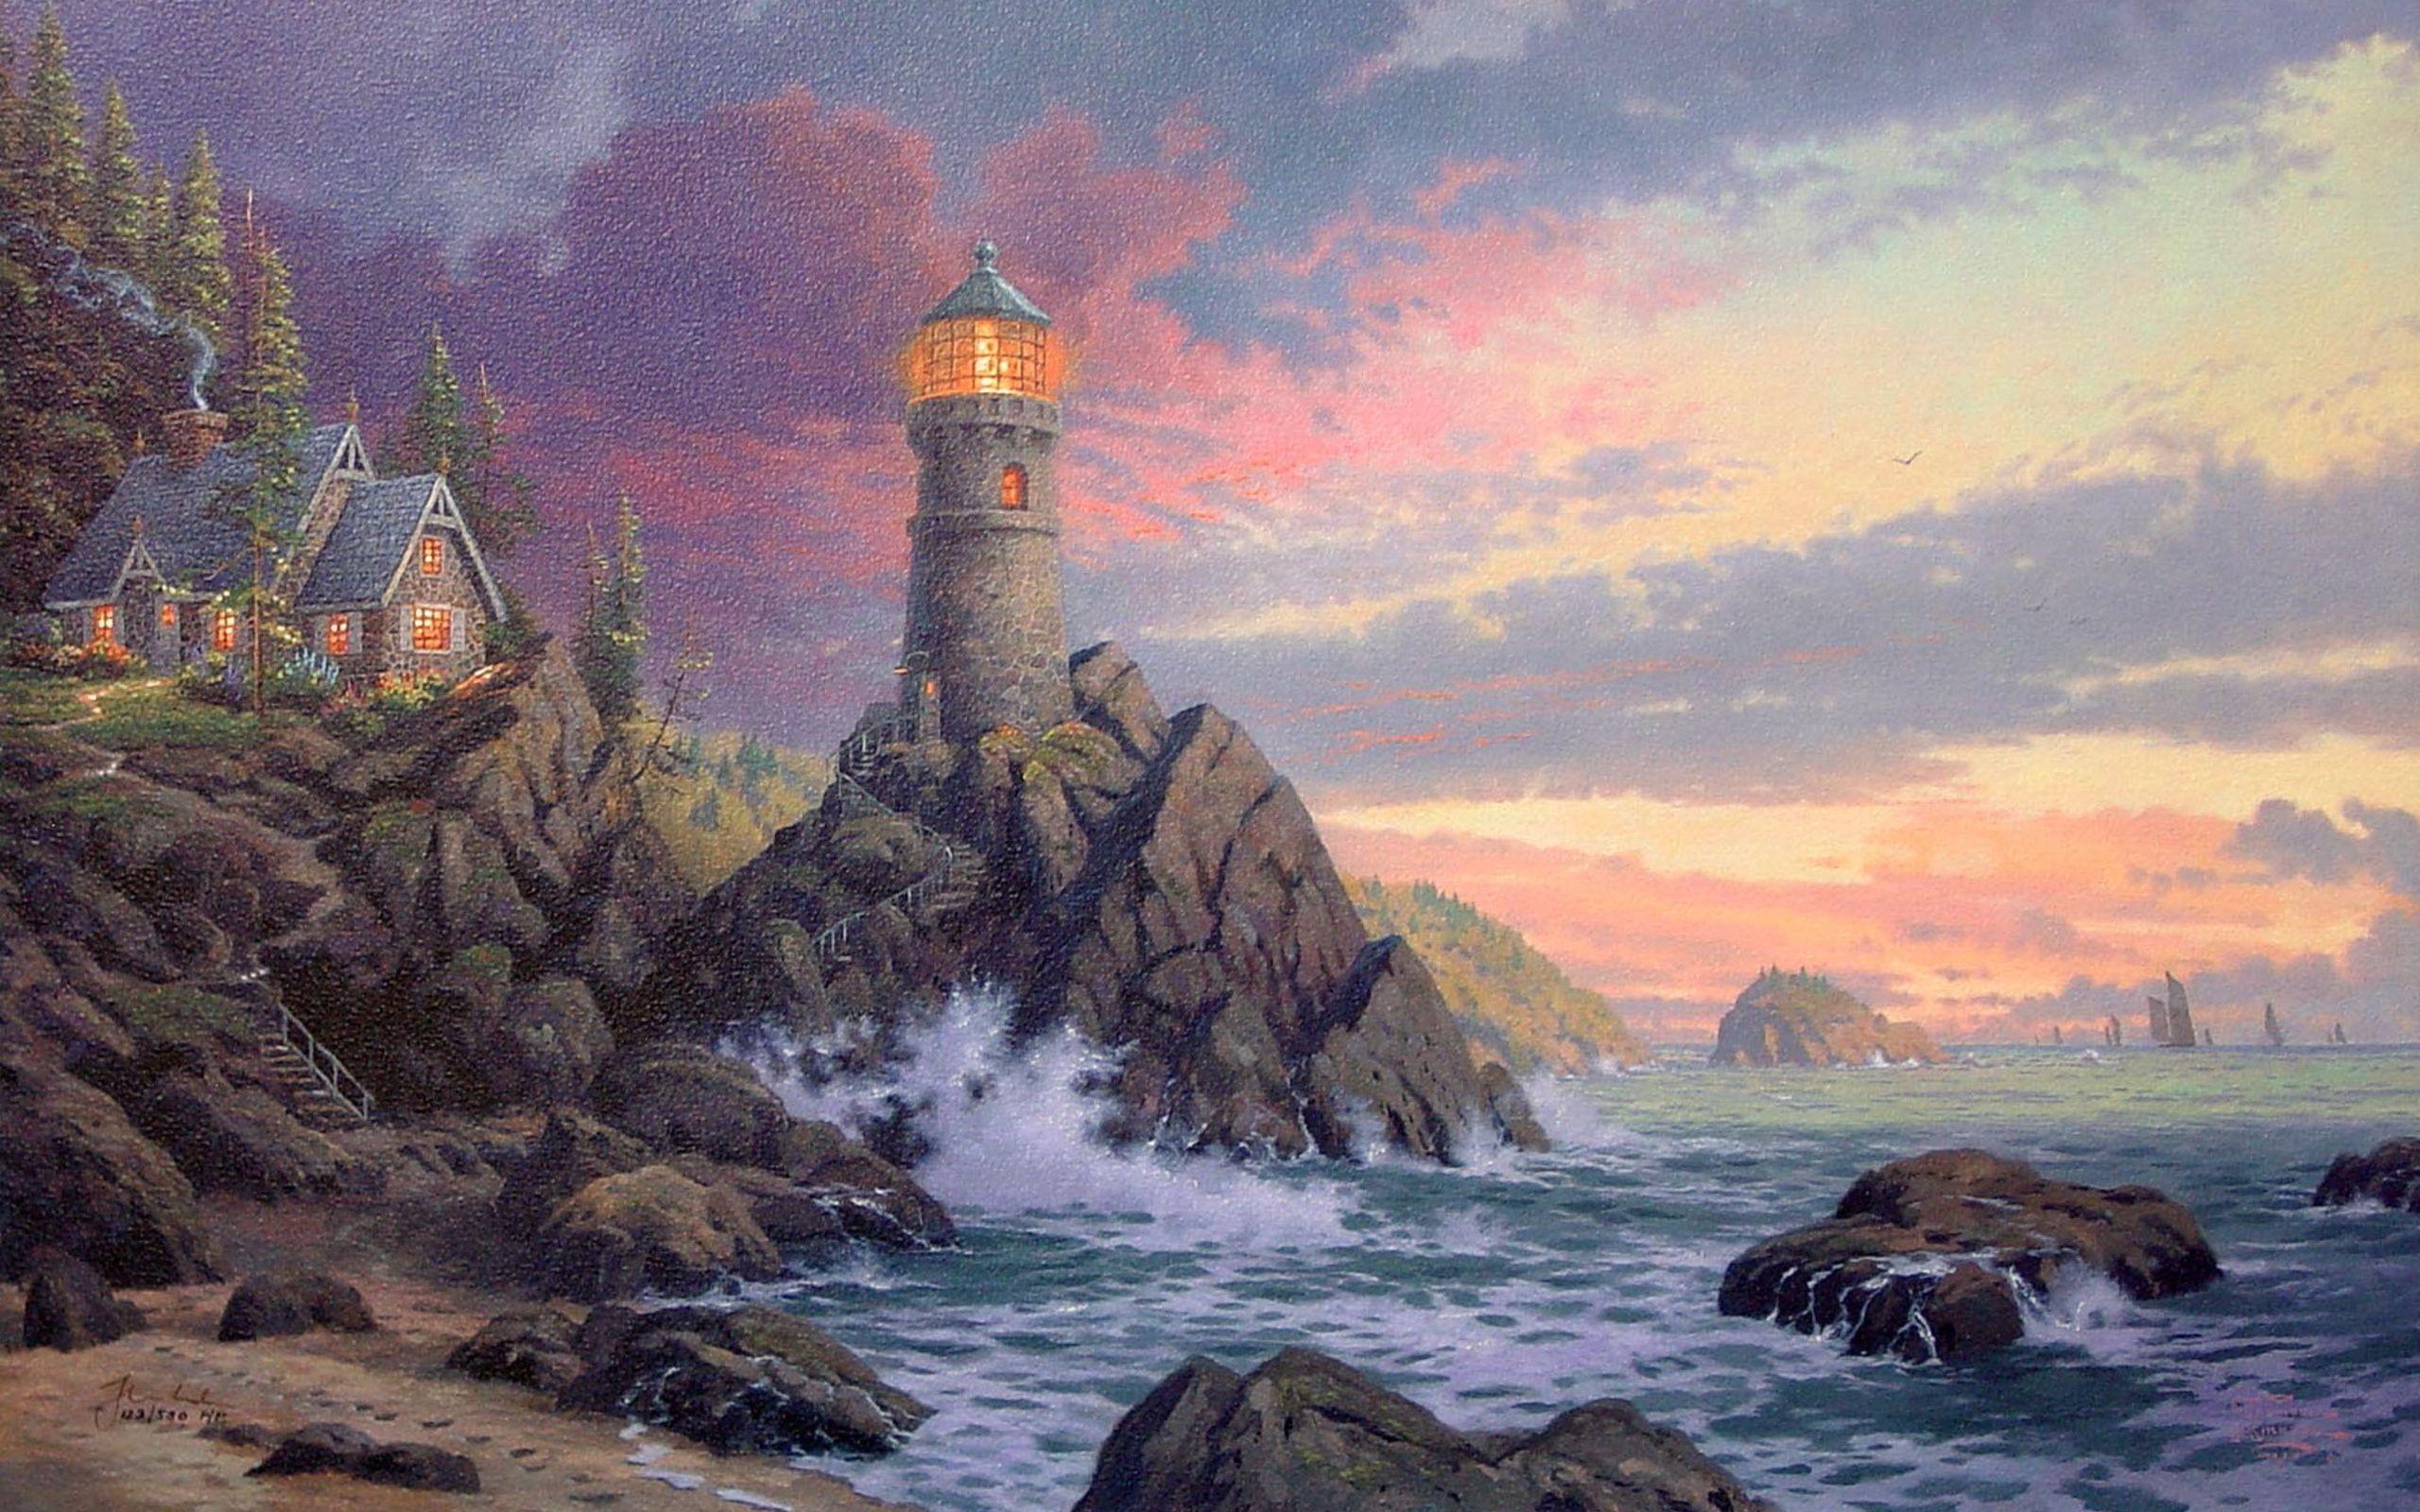 Thomas Kinkade Lighthouse Paintings Art Thomas Kinkade